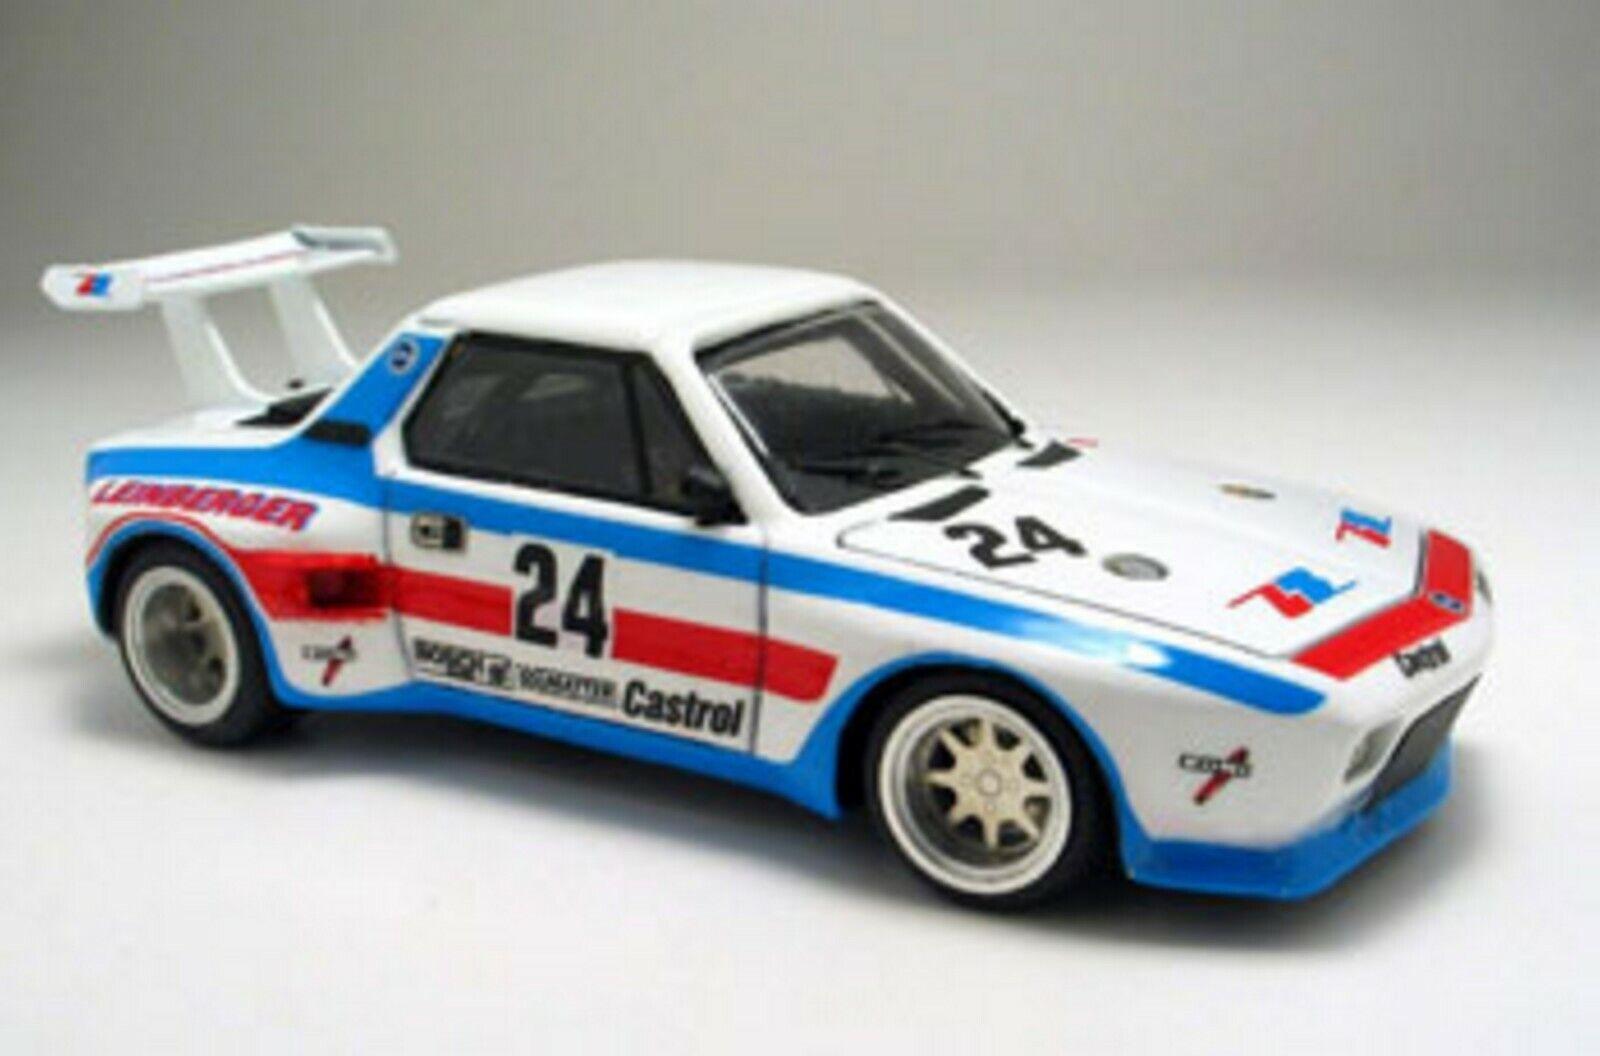 Kit Fiat X 1 9 Dallara  24 1000Km Nurburgring 1977 - Arena Models kit 1 43